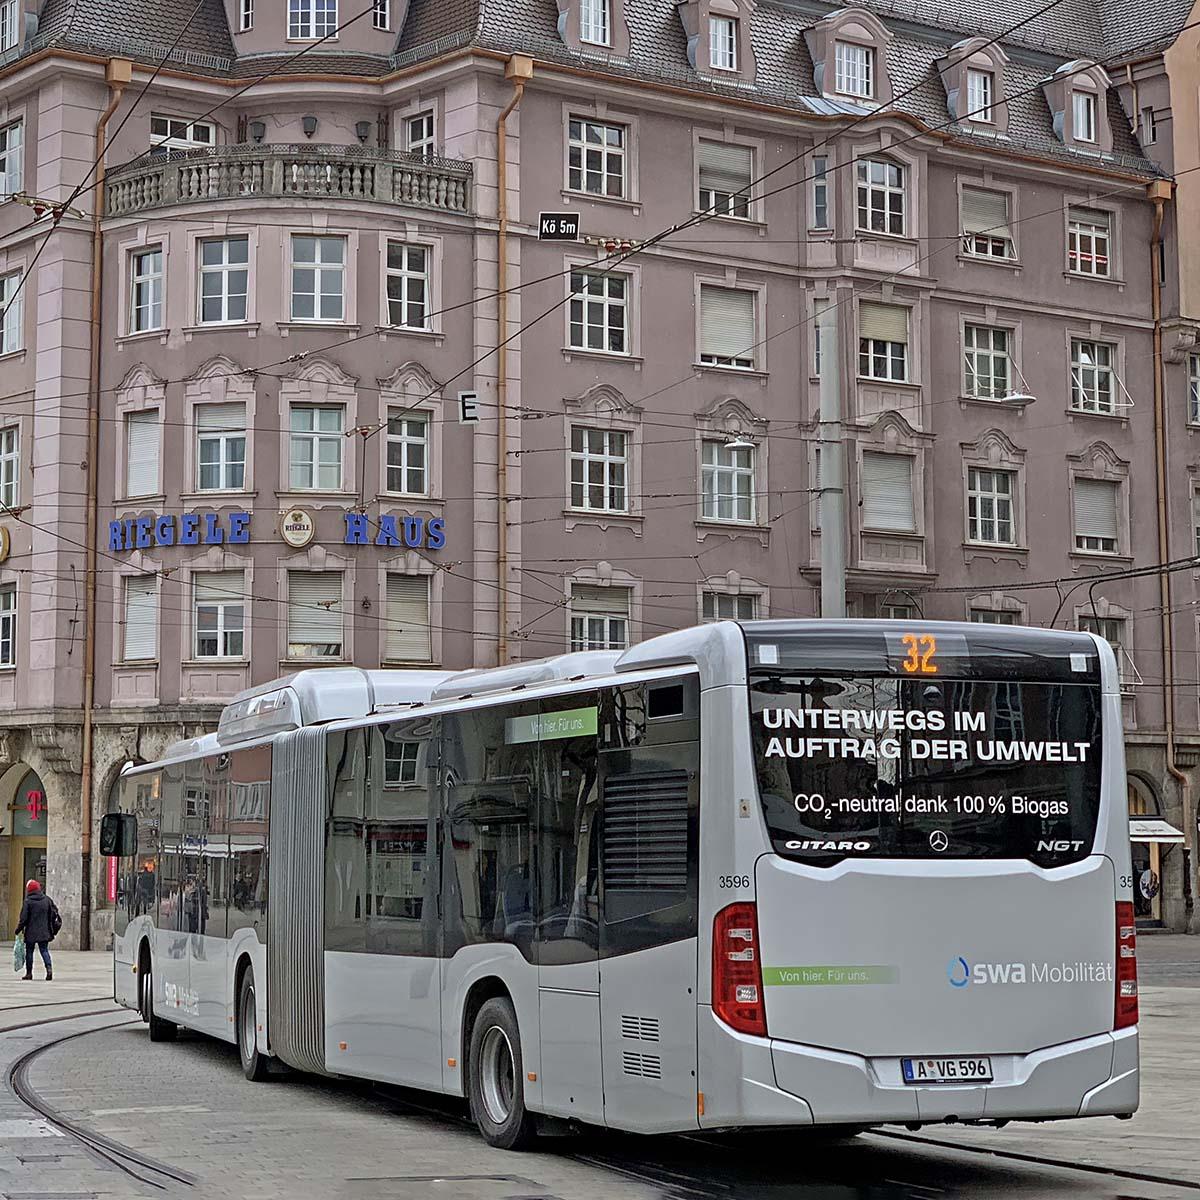 Stadtwerke Bus Flotte Bio Erdgas Förderung Elektro Busflotte Förderprogramm Strom Diesel Dieselmotor Bus Mobilität Verkehr Umwelt City Fuggerstadt PRO AUGSBURG Fraktion Verein Stadtrat Antrag Foto Andreas Zilse